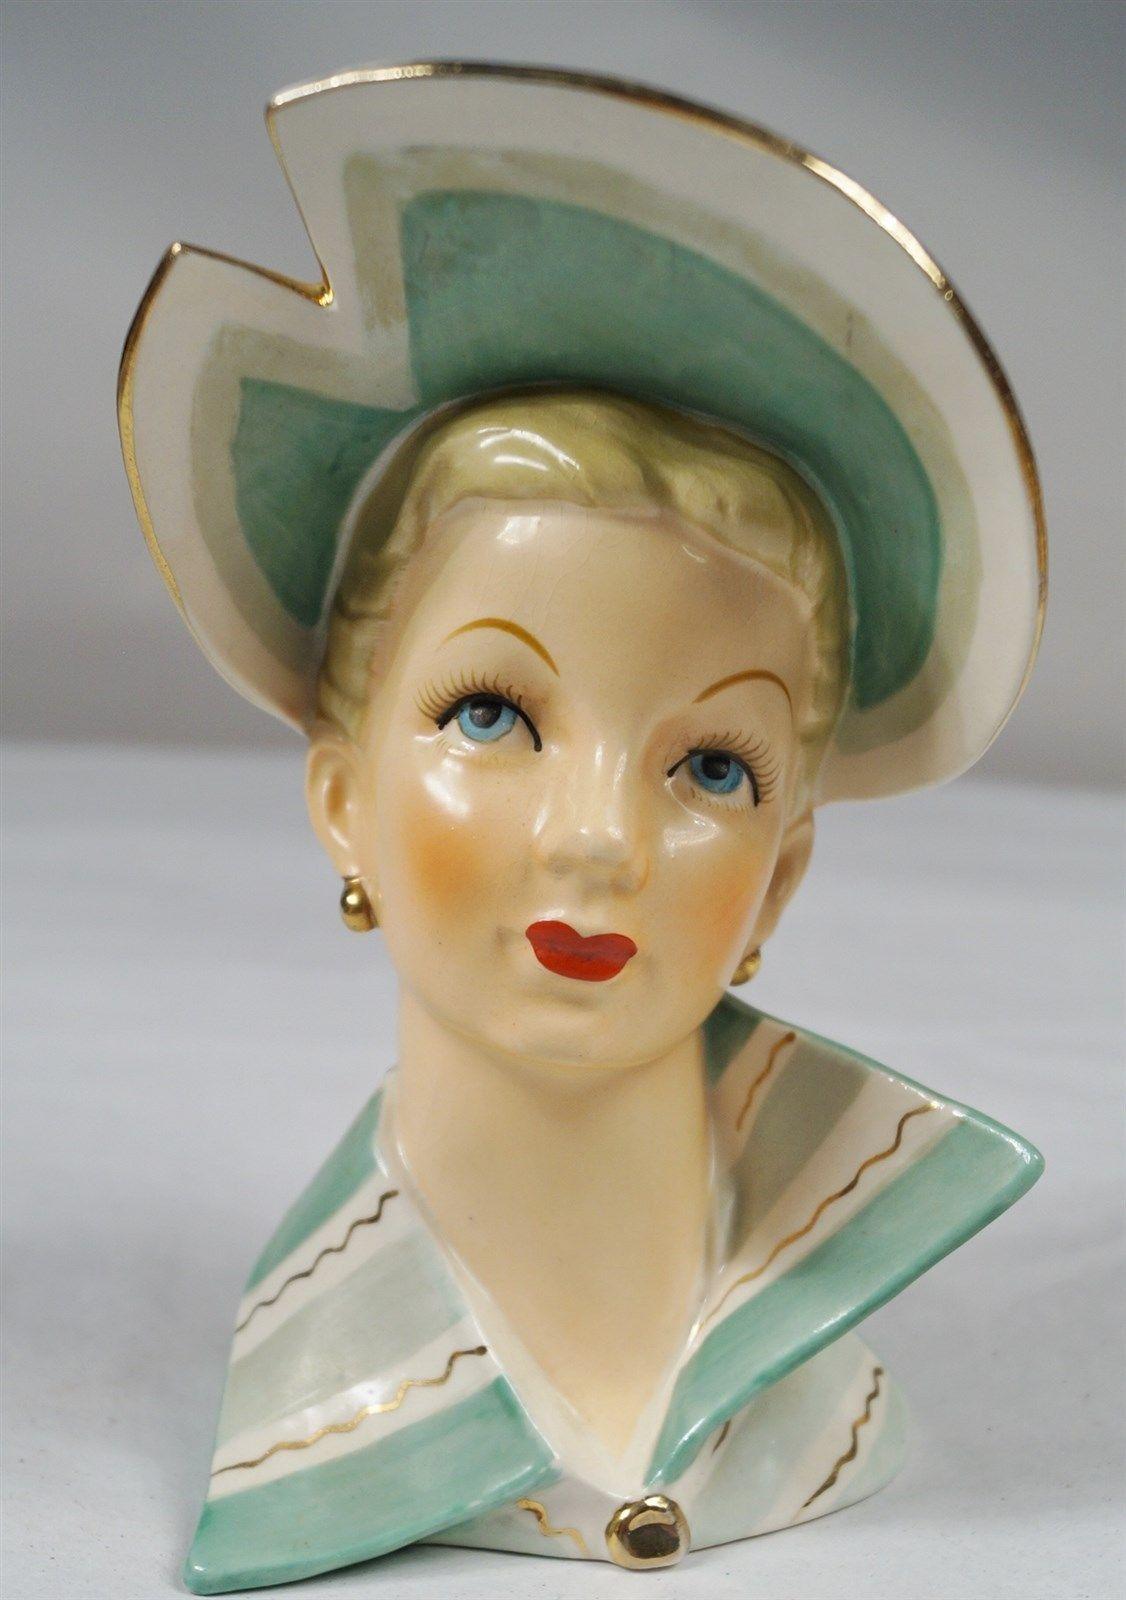 Vintage relpo porcelain elegant green dress hat fancy lady head vintage relpo porcelain elegant green dress hat fancy lady head vase reviewsmspy